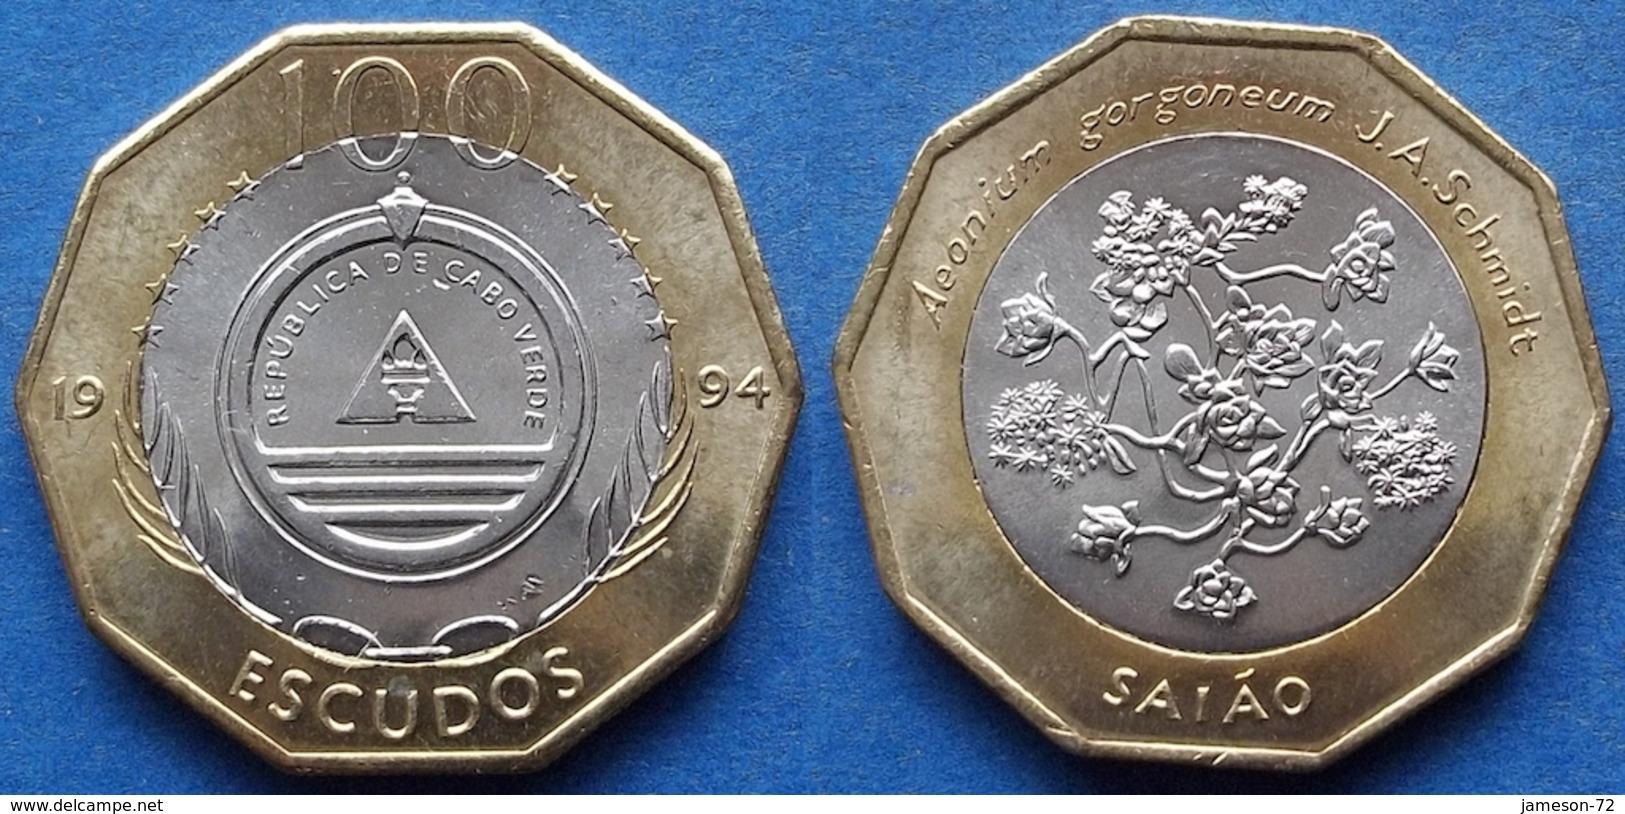 """CAPE VERDE - 100 Escudos 1994 """"saiao Flowers"""" KM# 38 - Edelweiss Coins - Cape Verde"""